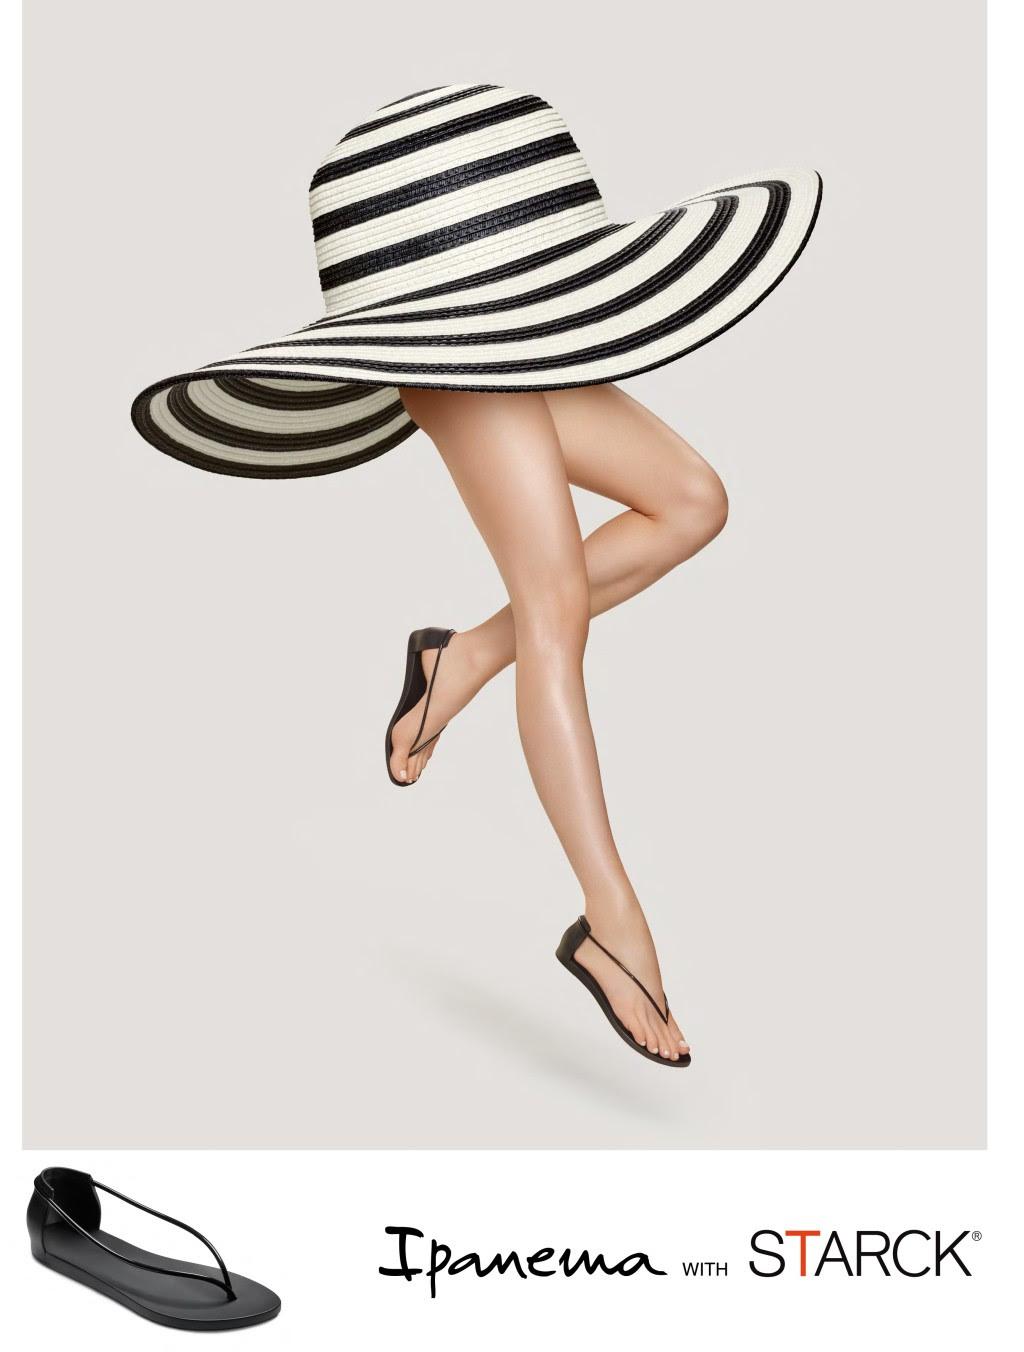 Ipanema por Philippe Starck  (Foto: Divulgação)